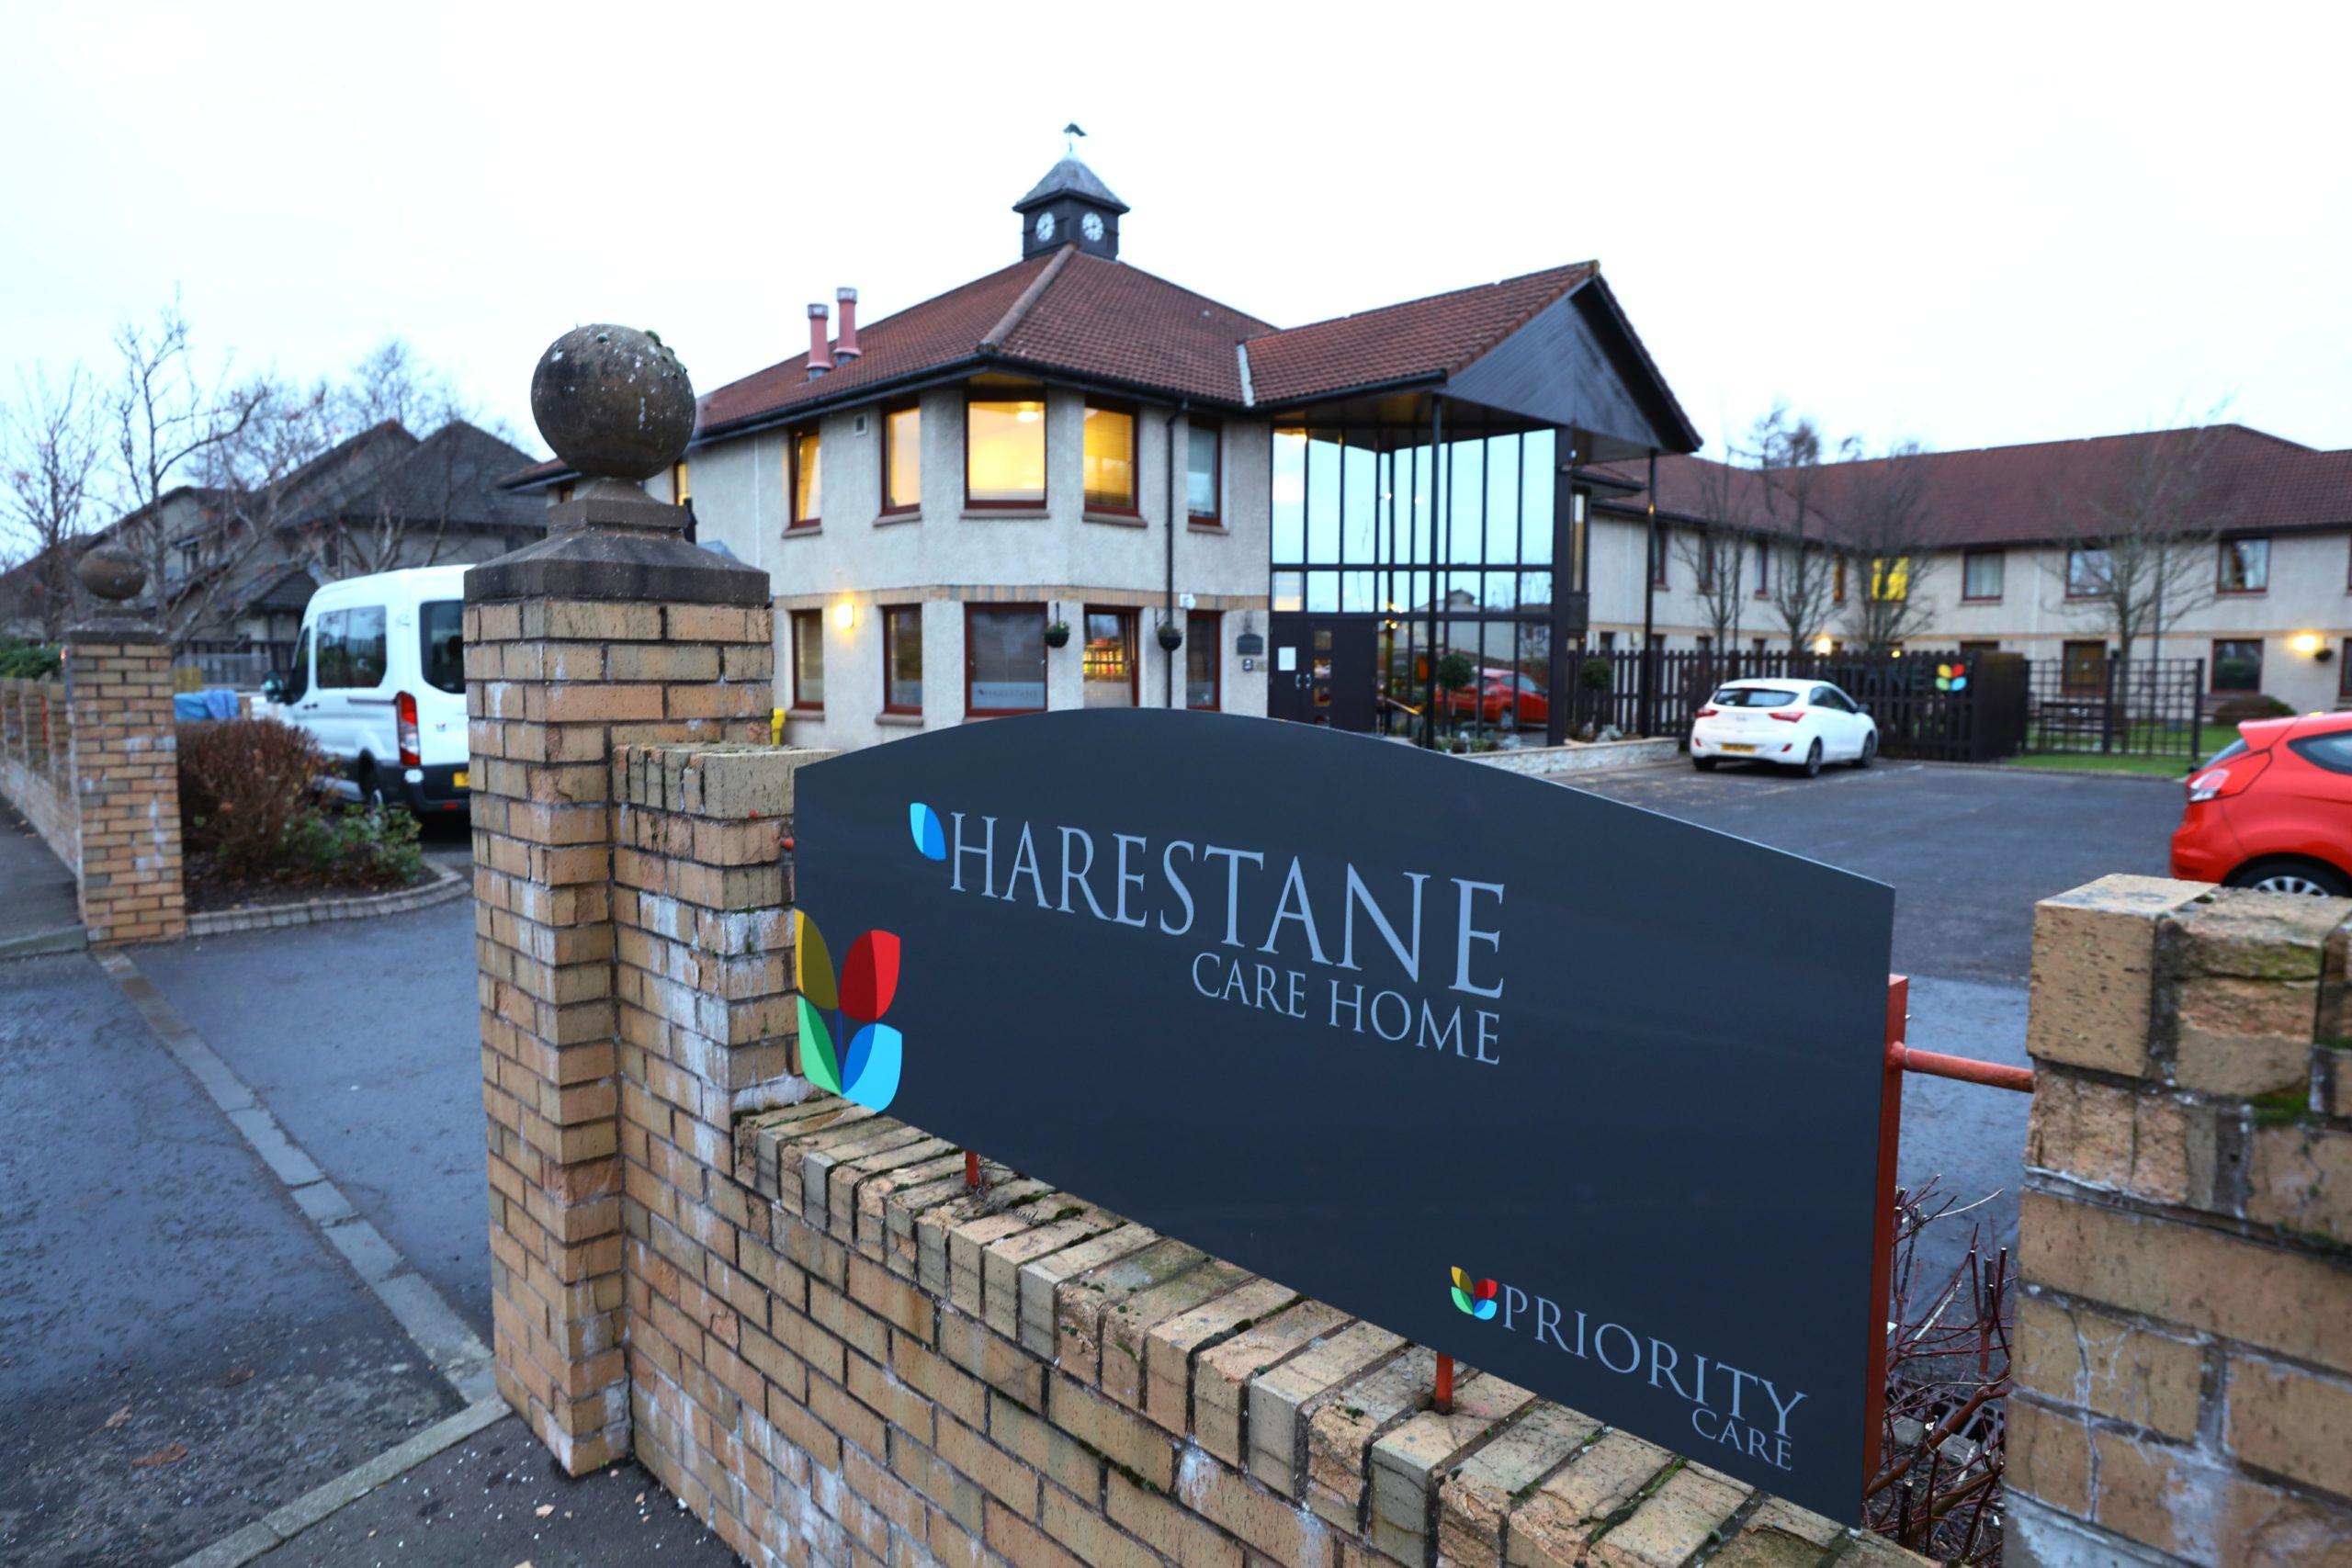 Harestane nursing home in Dundee.